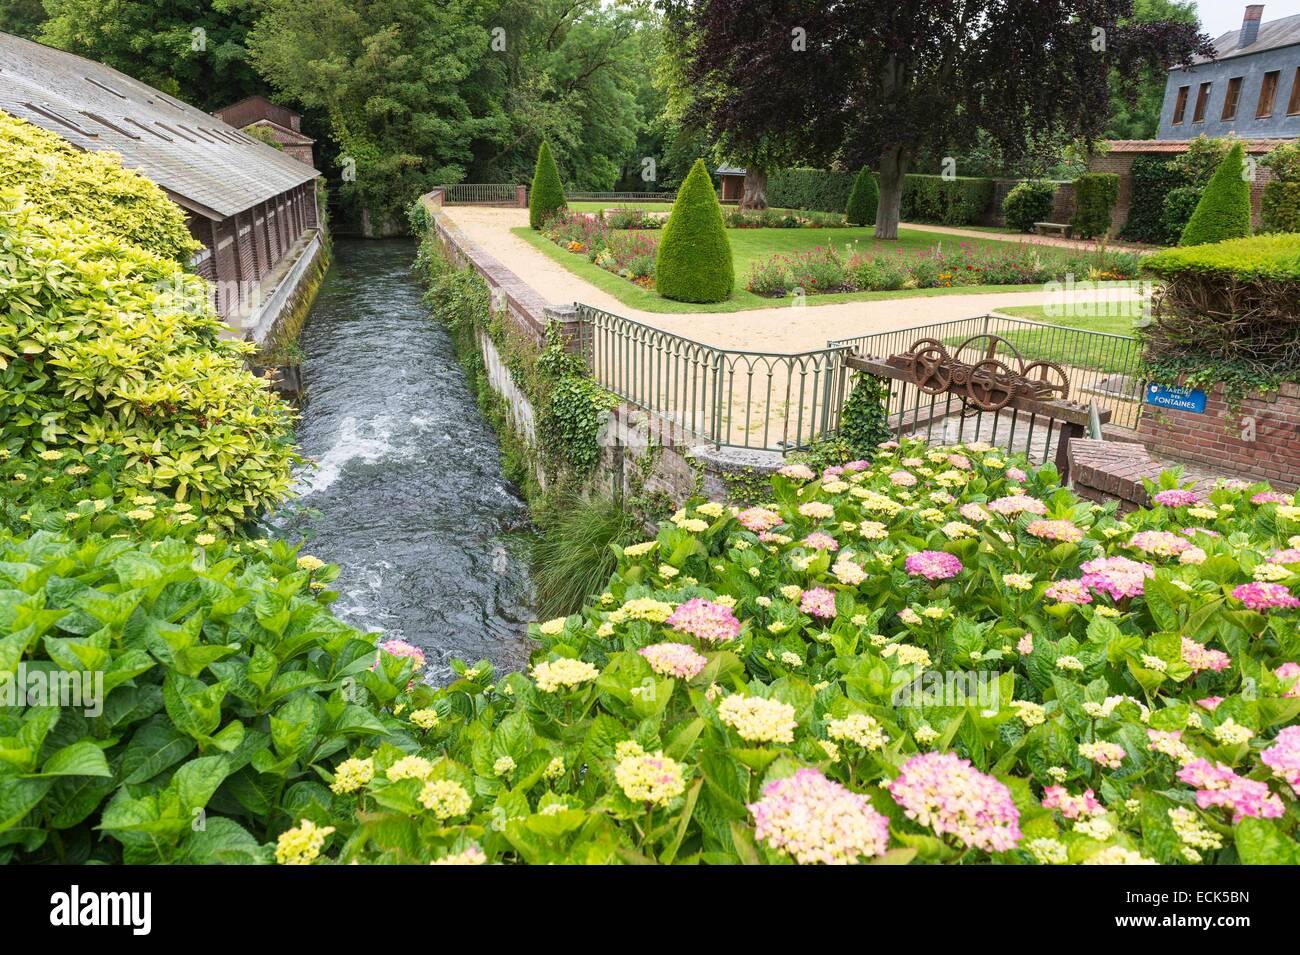 Francia, Seine Maritime, Ue, Fontane giardino lungo il fiume Bresle Immagini Stock